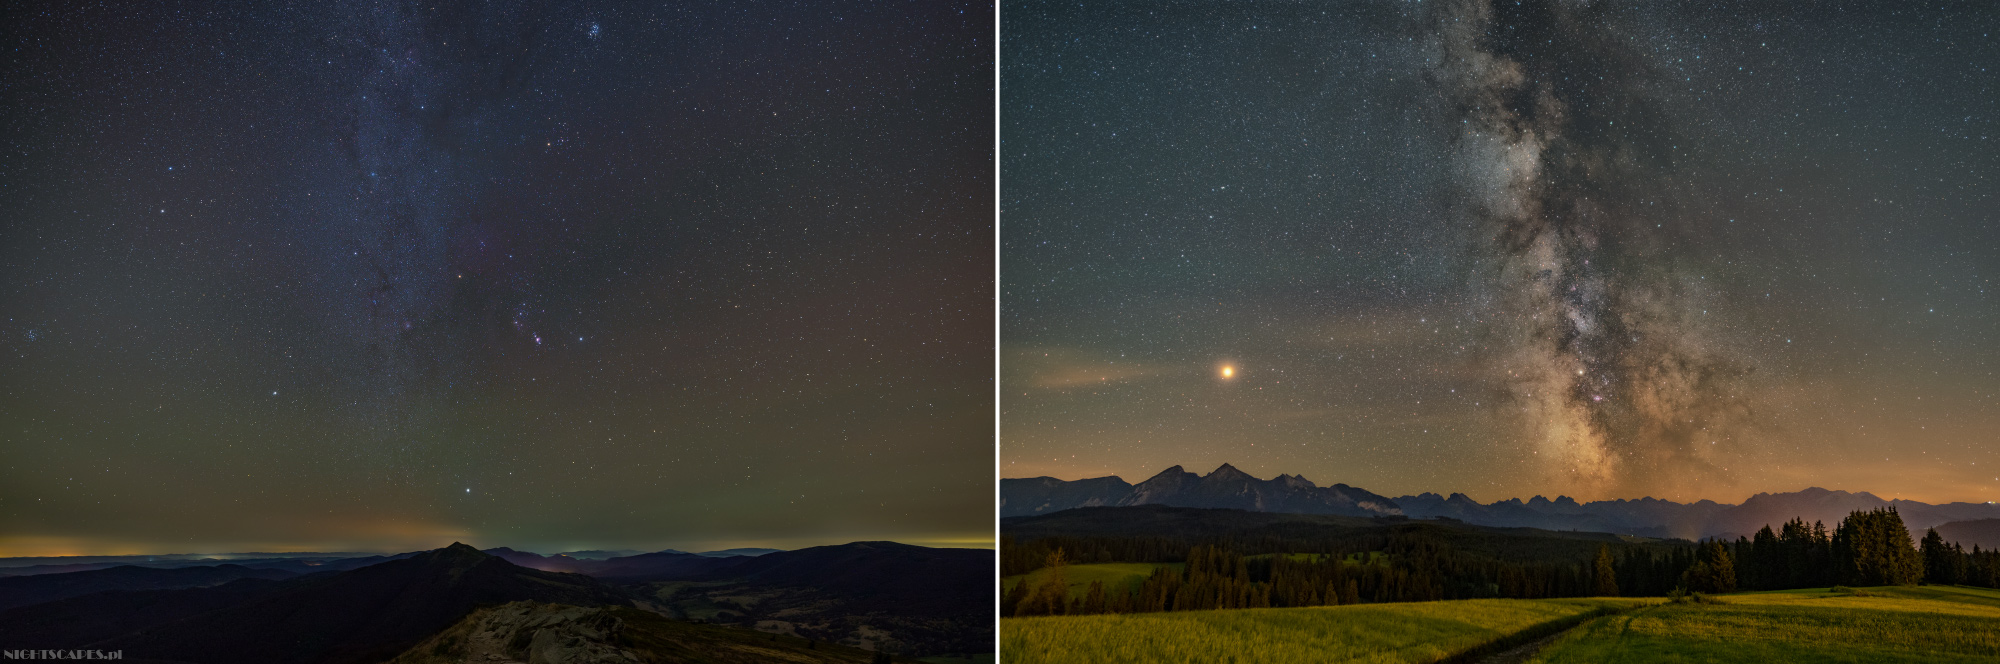 Porównanie zimowej Drogi Mlecznej wBieszczadach (polewej) iletniej Drogi Mlecznej nadTatrami (poprawej).